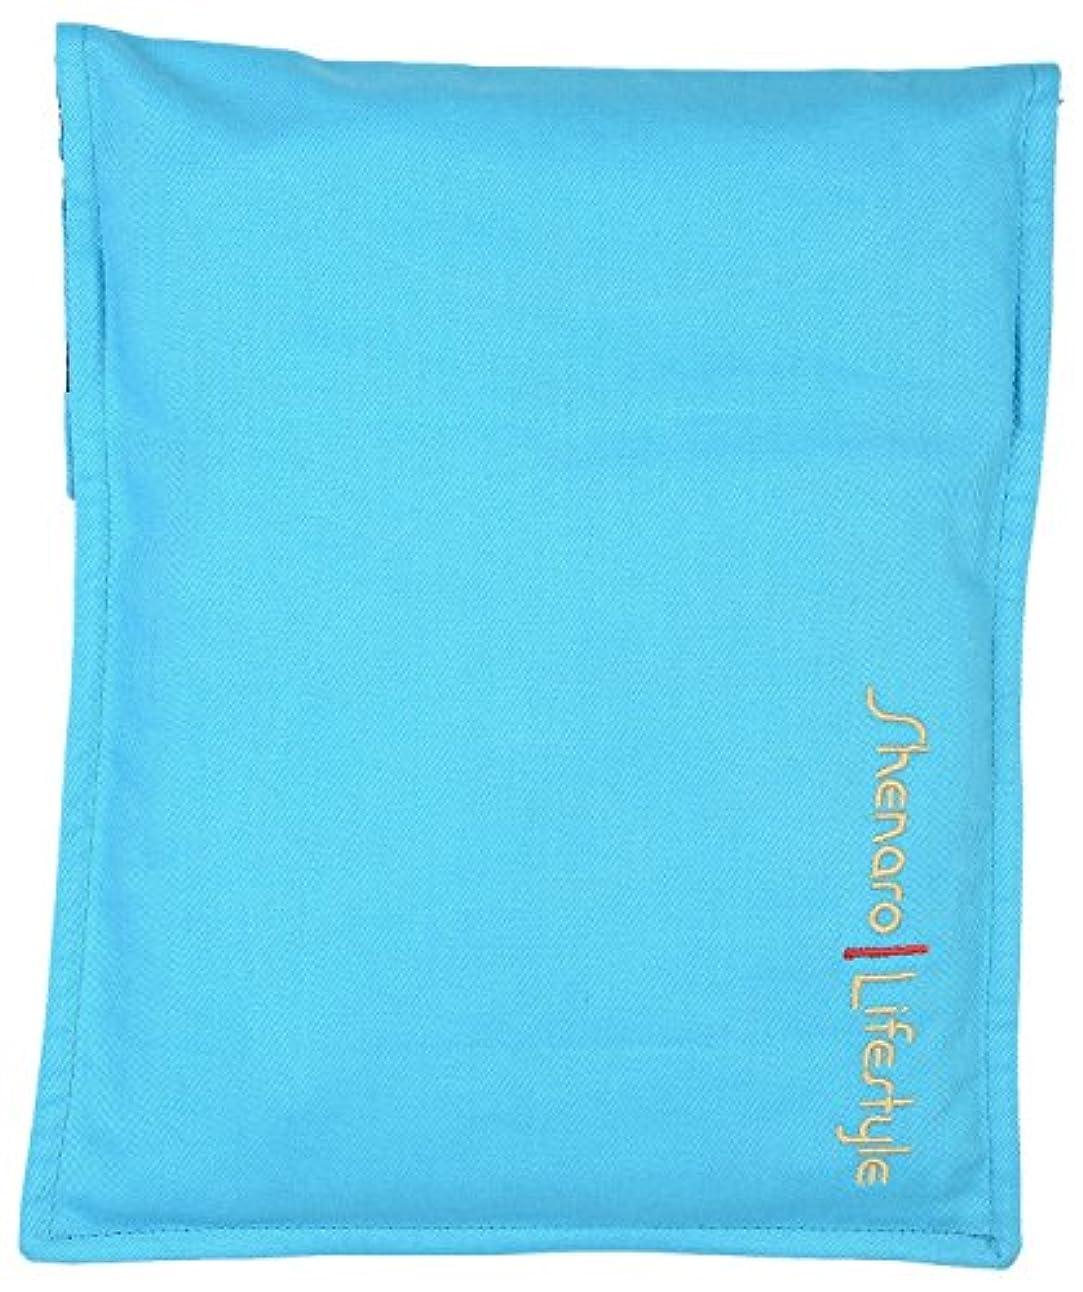 手数料聖人右Shenaro Lifestyle's: Cotton Organic and Eco-Friendly Pain Relief Wheat Bag with Treated Whole Grains and Aroma...